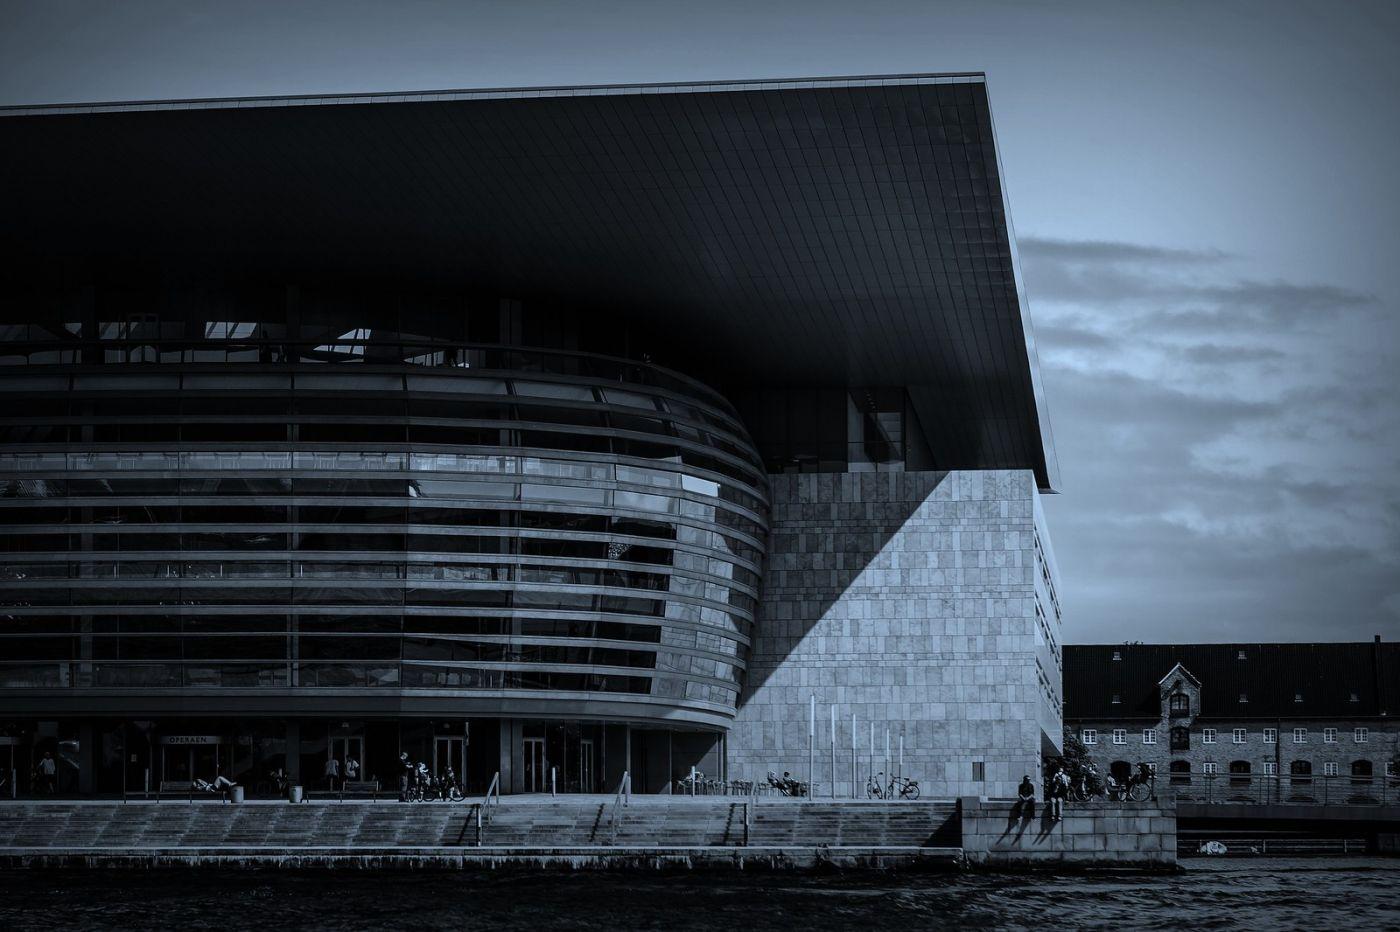 丹麦哥本哈根,坐船看市景_图1-5